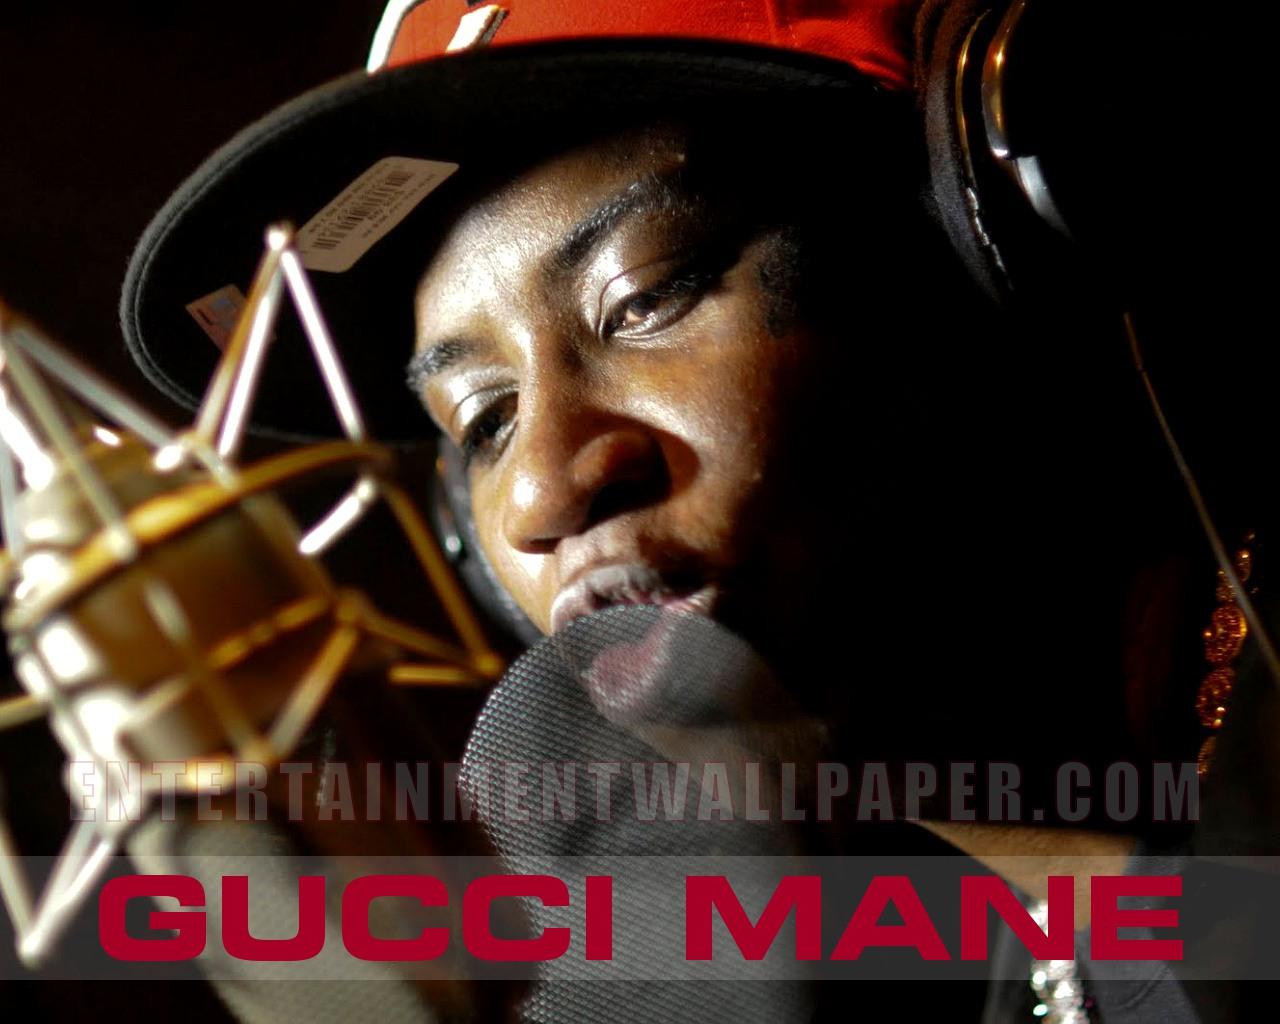 Gucci Mane Wallpaper   40039216 1280x1024 Desktop Download page 1280x1024